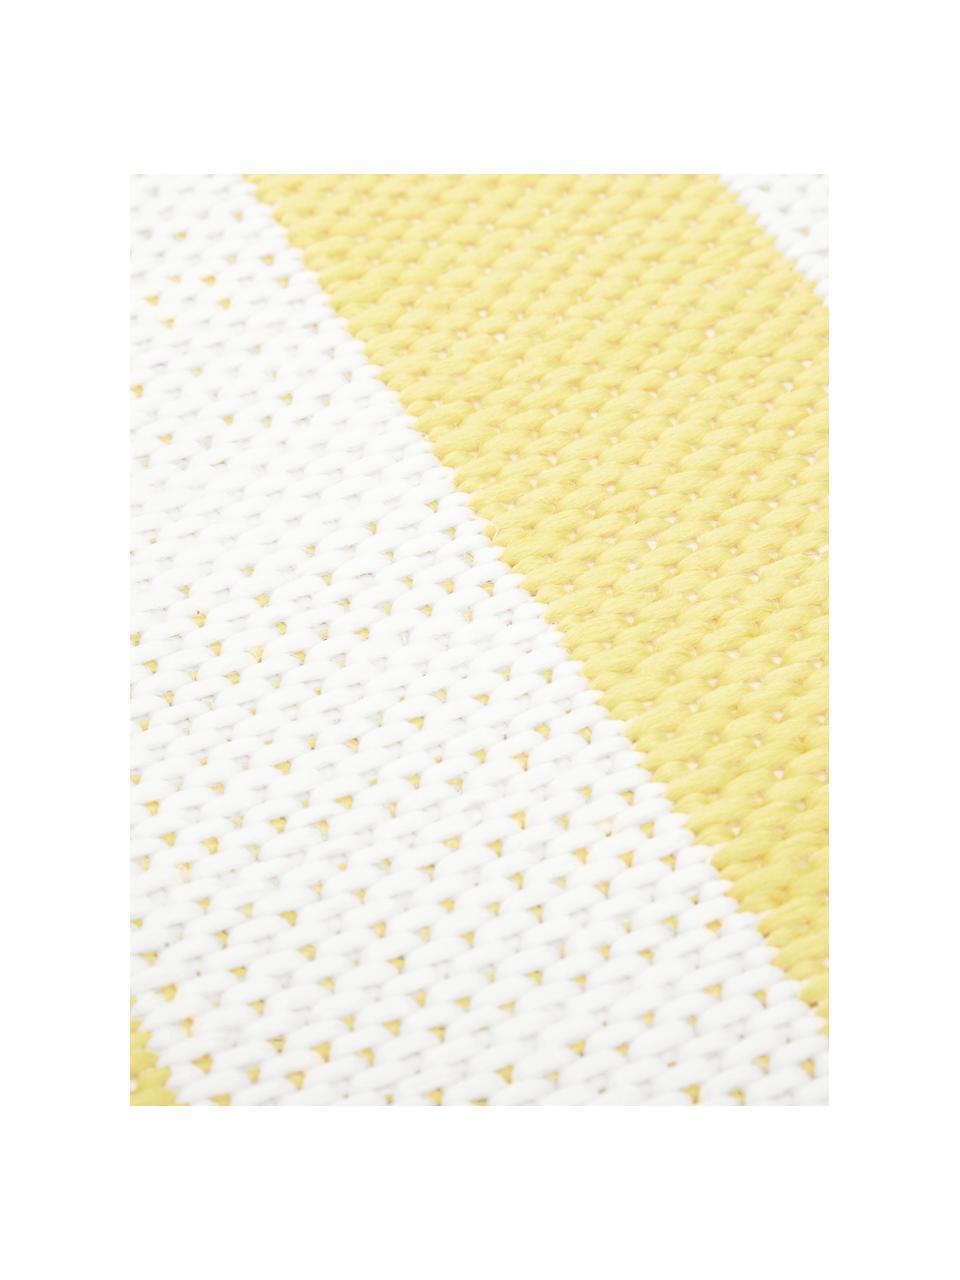 Gestreifter In- & Outdoor-Läufer Axa in Gelb/Weiß, 86% Polypropylen, 14% Polyester, Cremeweiß, Gelb, 80 x 250 cm